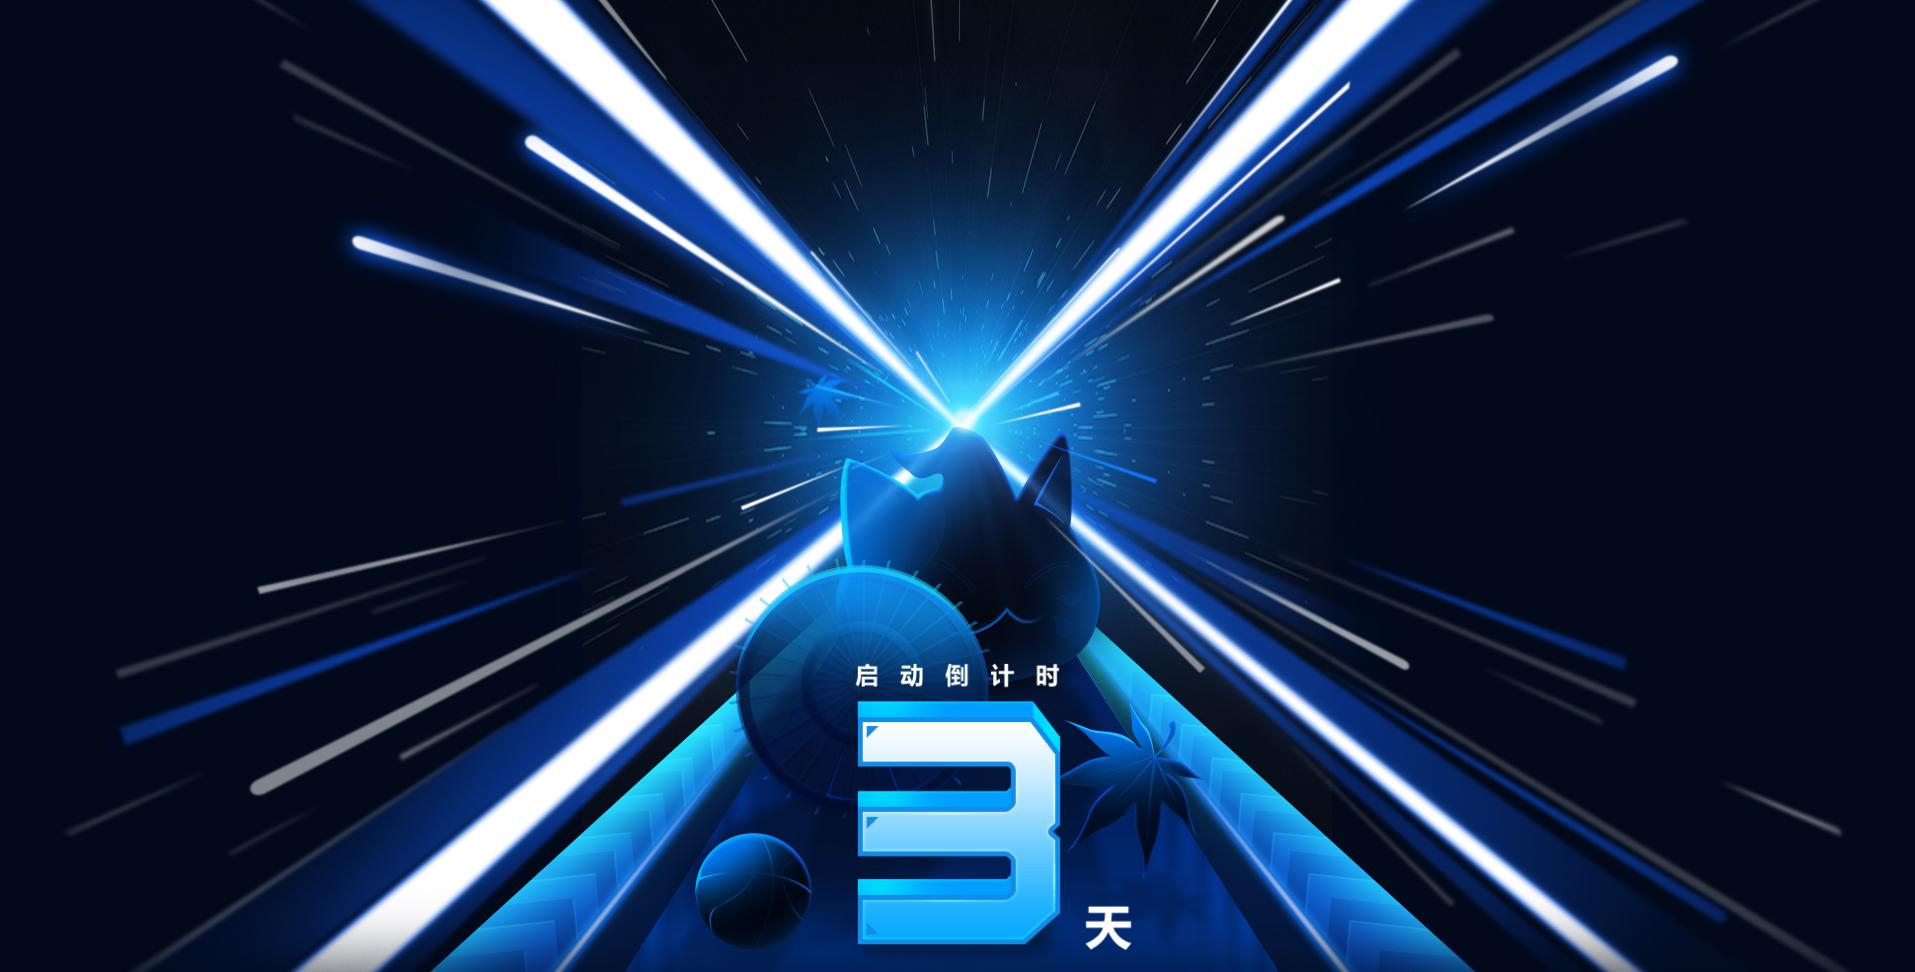 网易游戏X计划8月24日揭晓:丁磊此行是向谁下战书?[多图]图片2